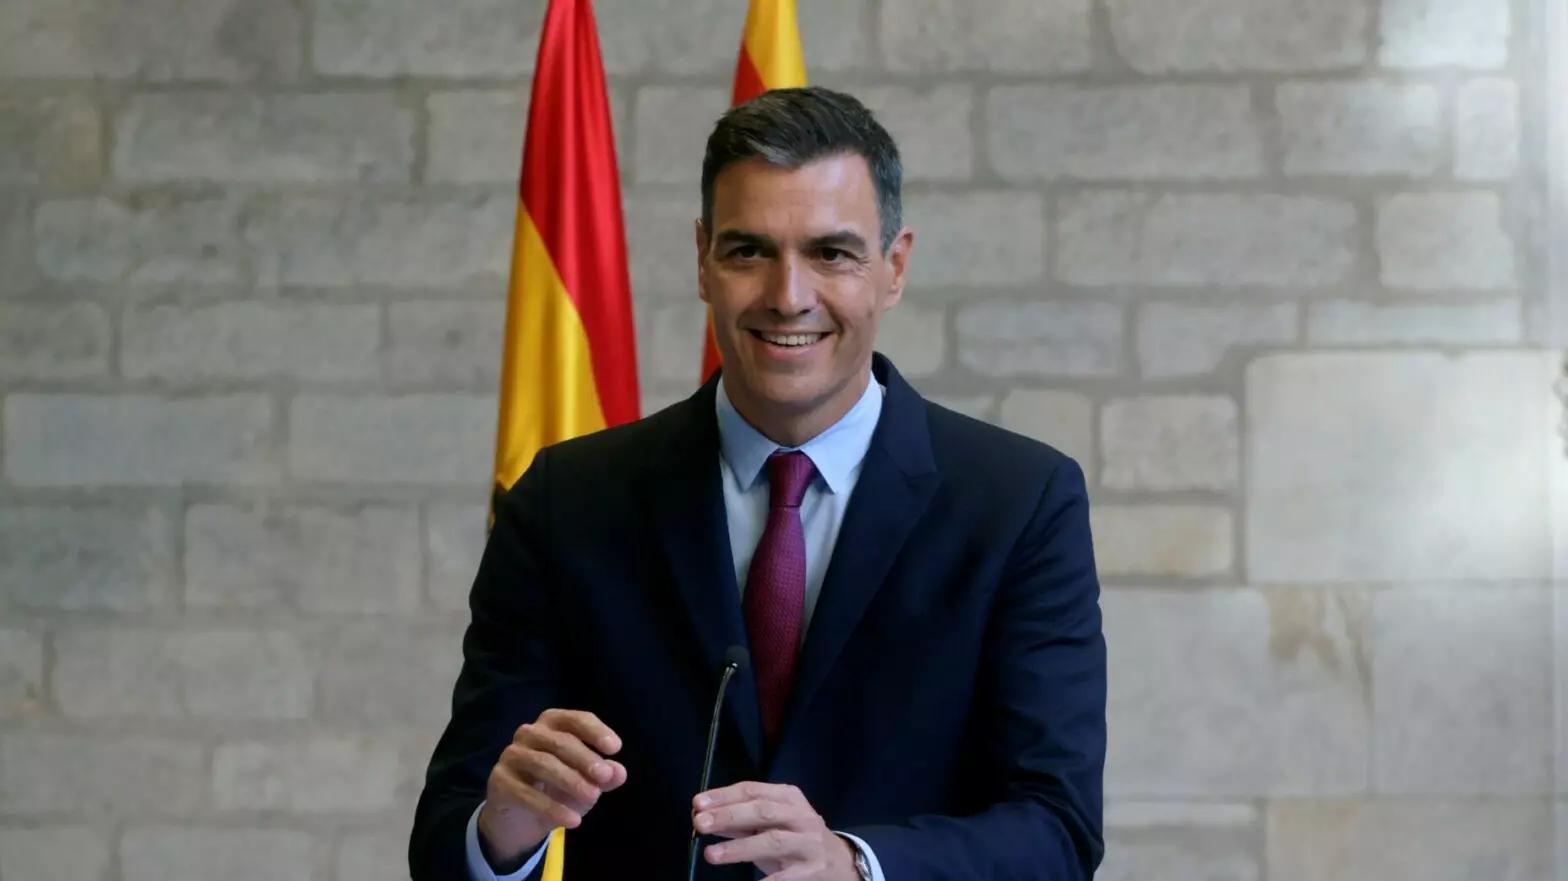 El presidente del Gobierno, Pedro Sánchez, en el Palau de la Generalitat. EFE